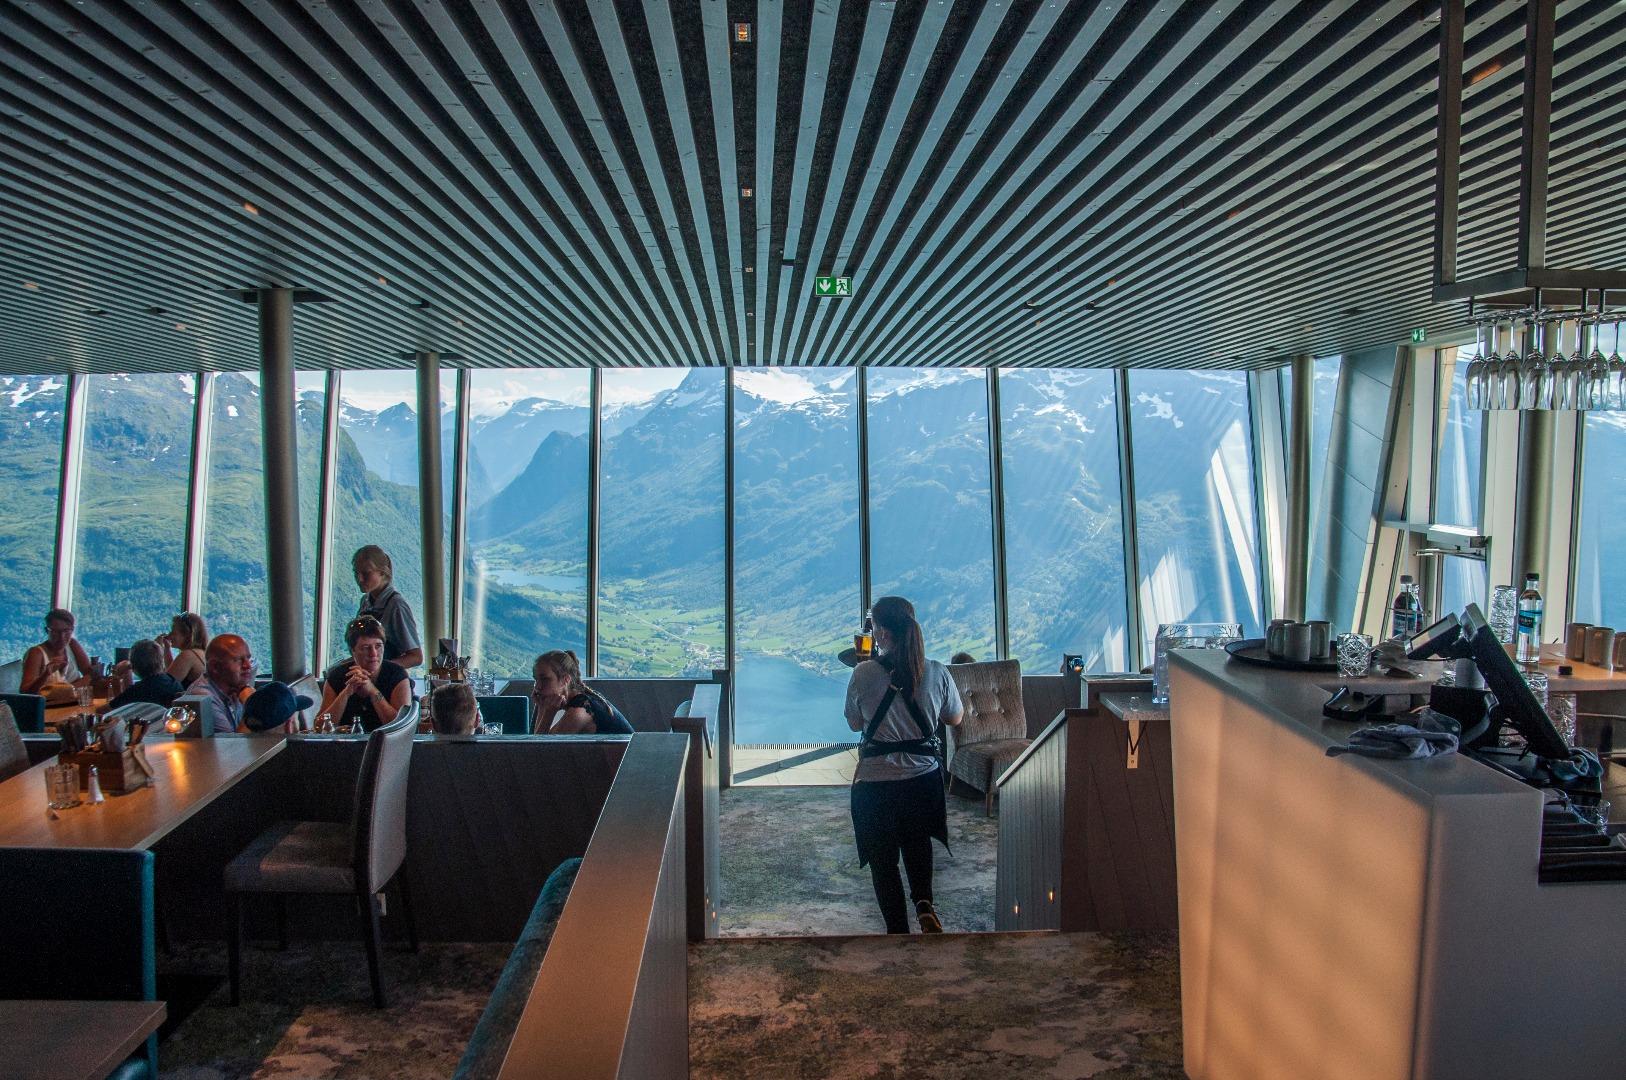 Hoven Restaurant. Lars Korvald/Loen Skylift